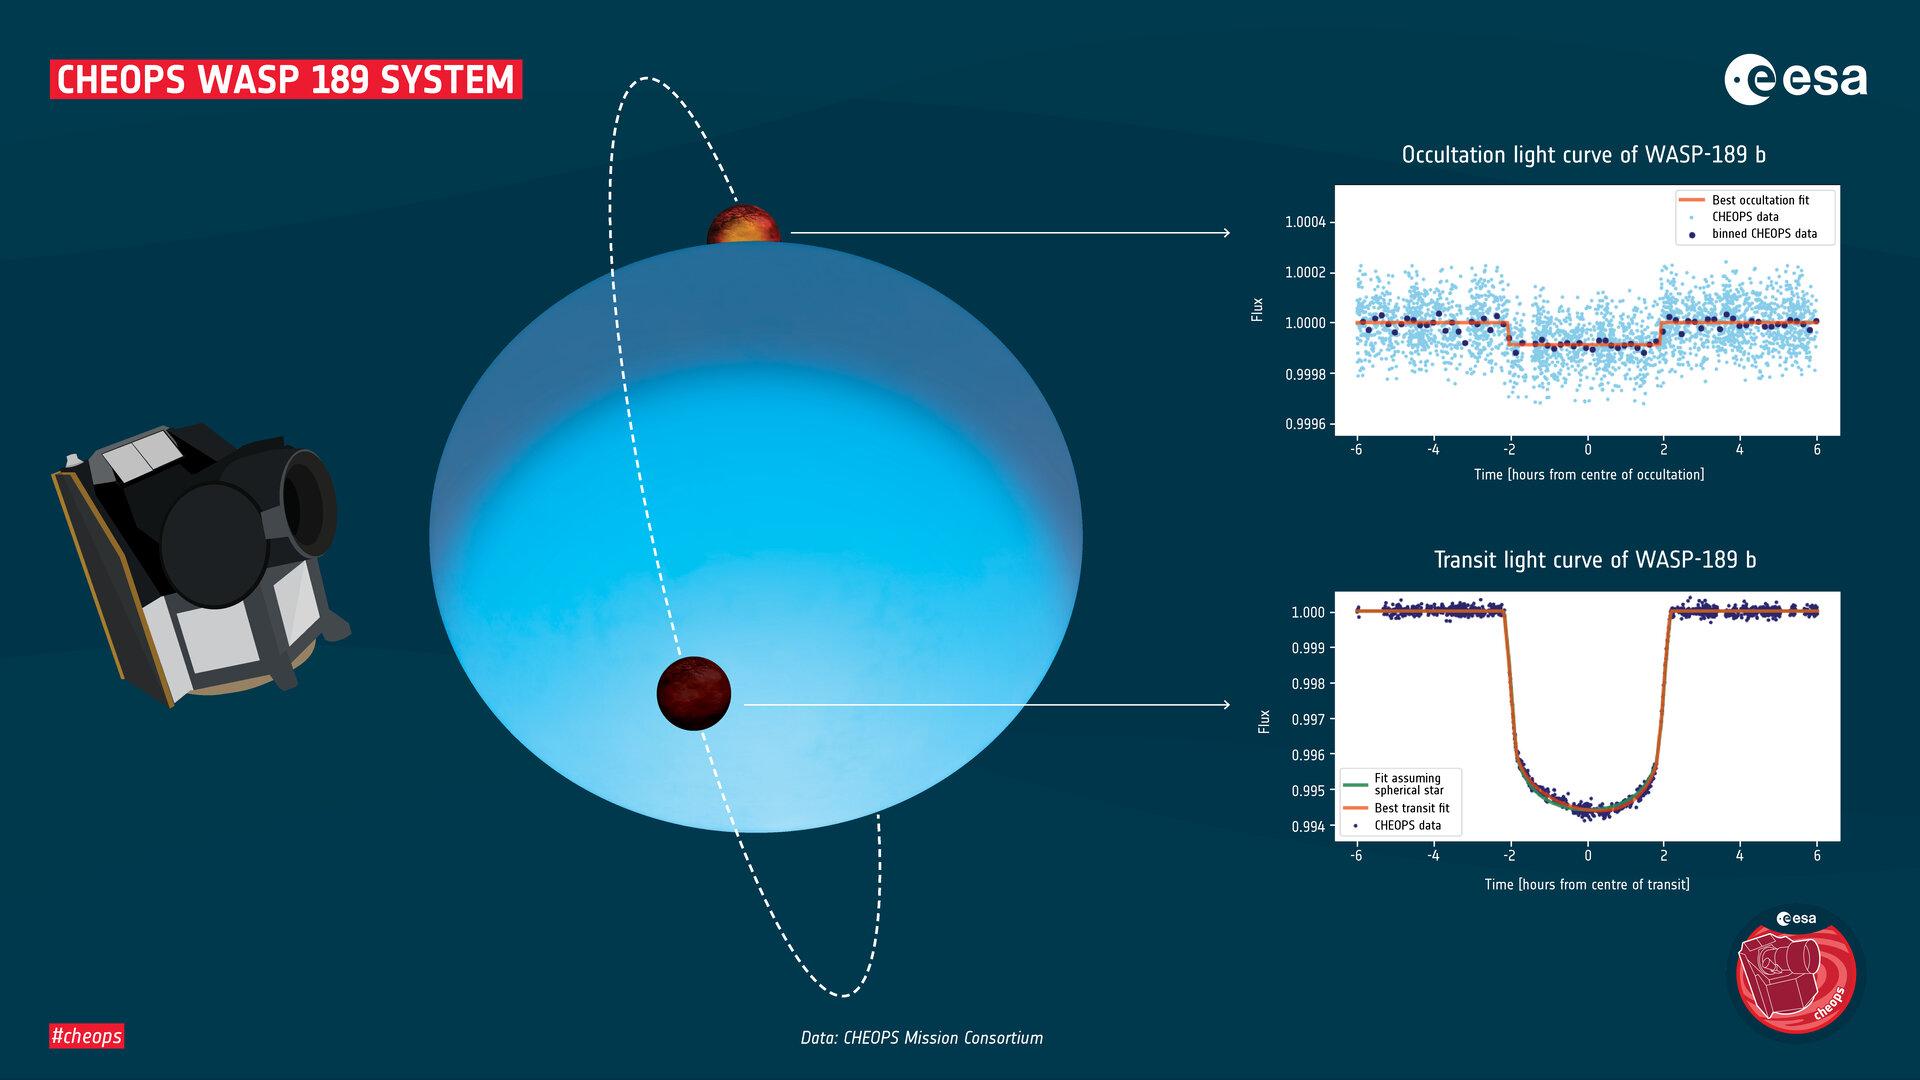 نخستین توصیف دقیق یک سیاره فراخورشیدی